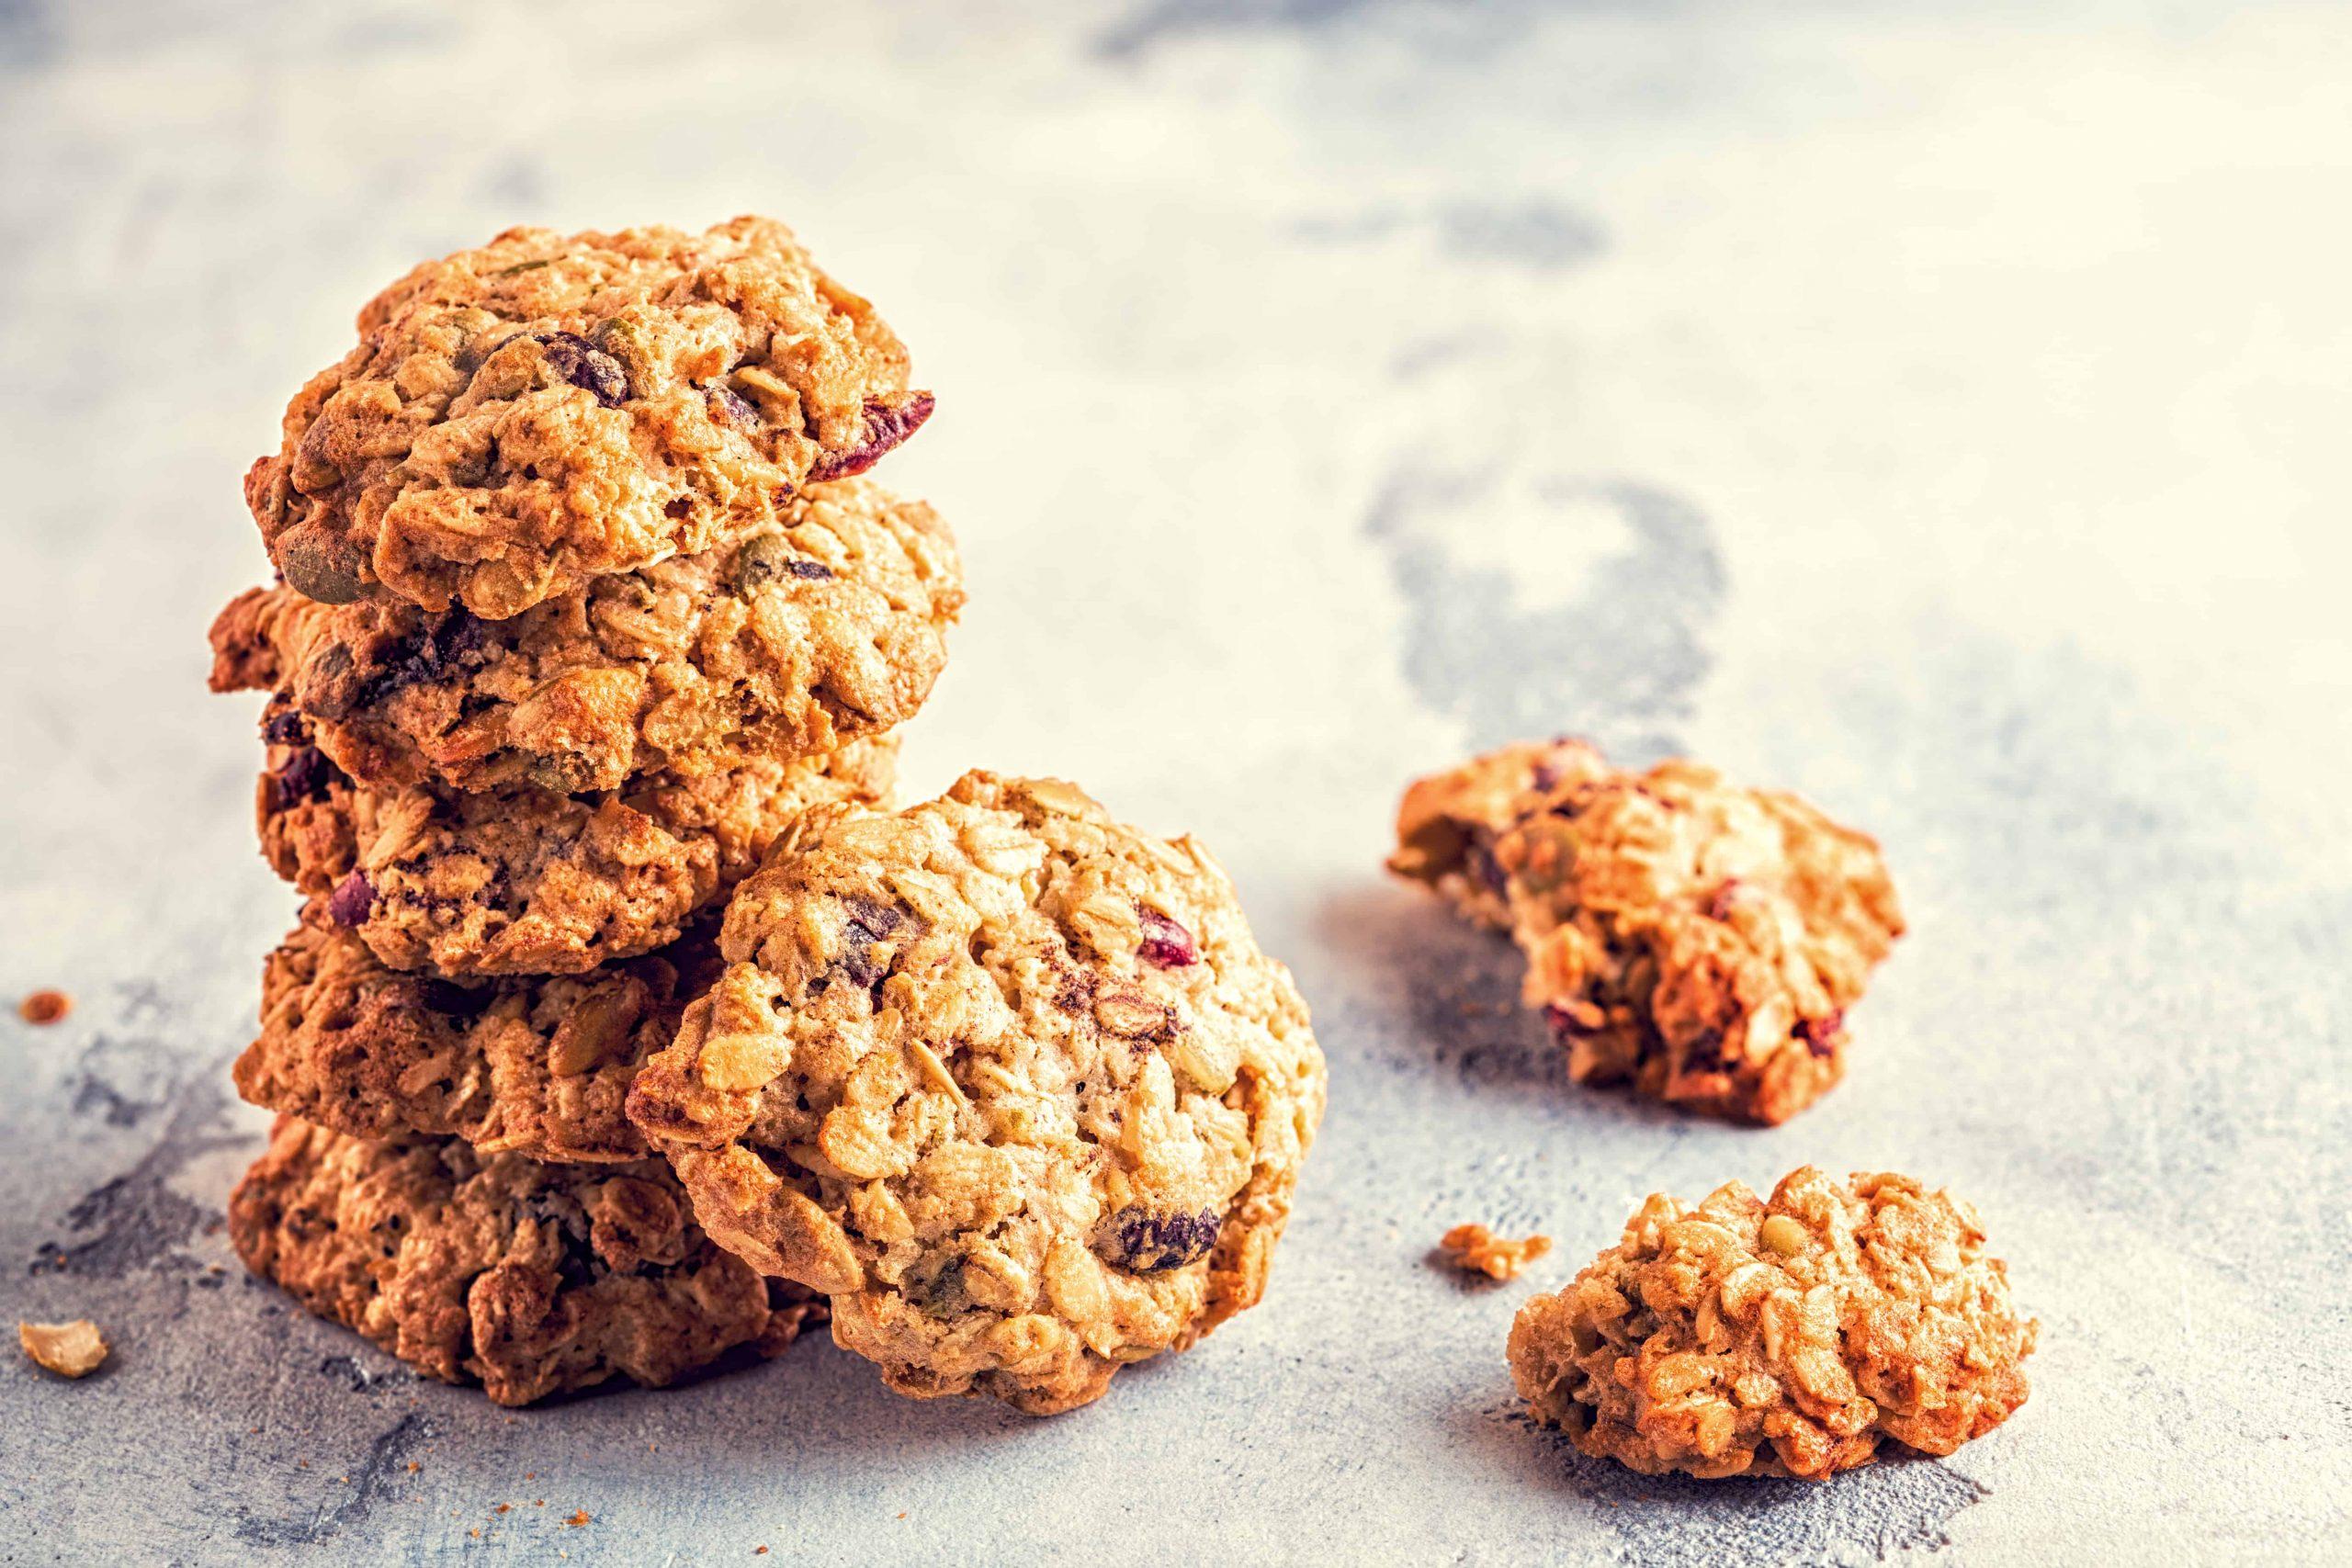 Glutenfrei Backen: Infos, Tipps und Rezepte